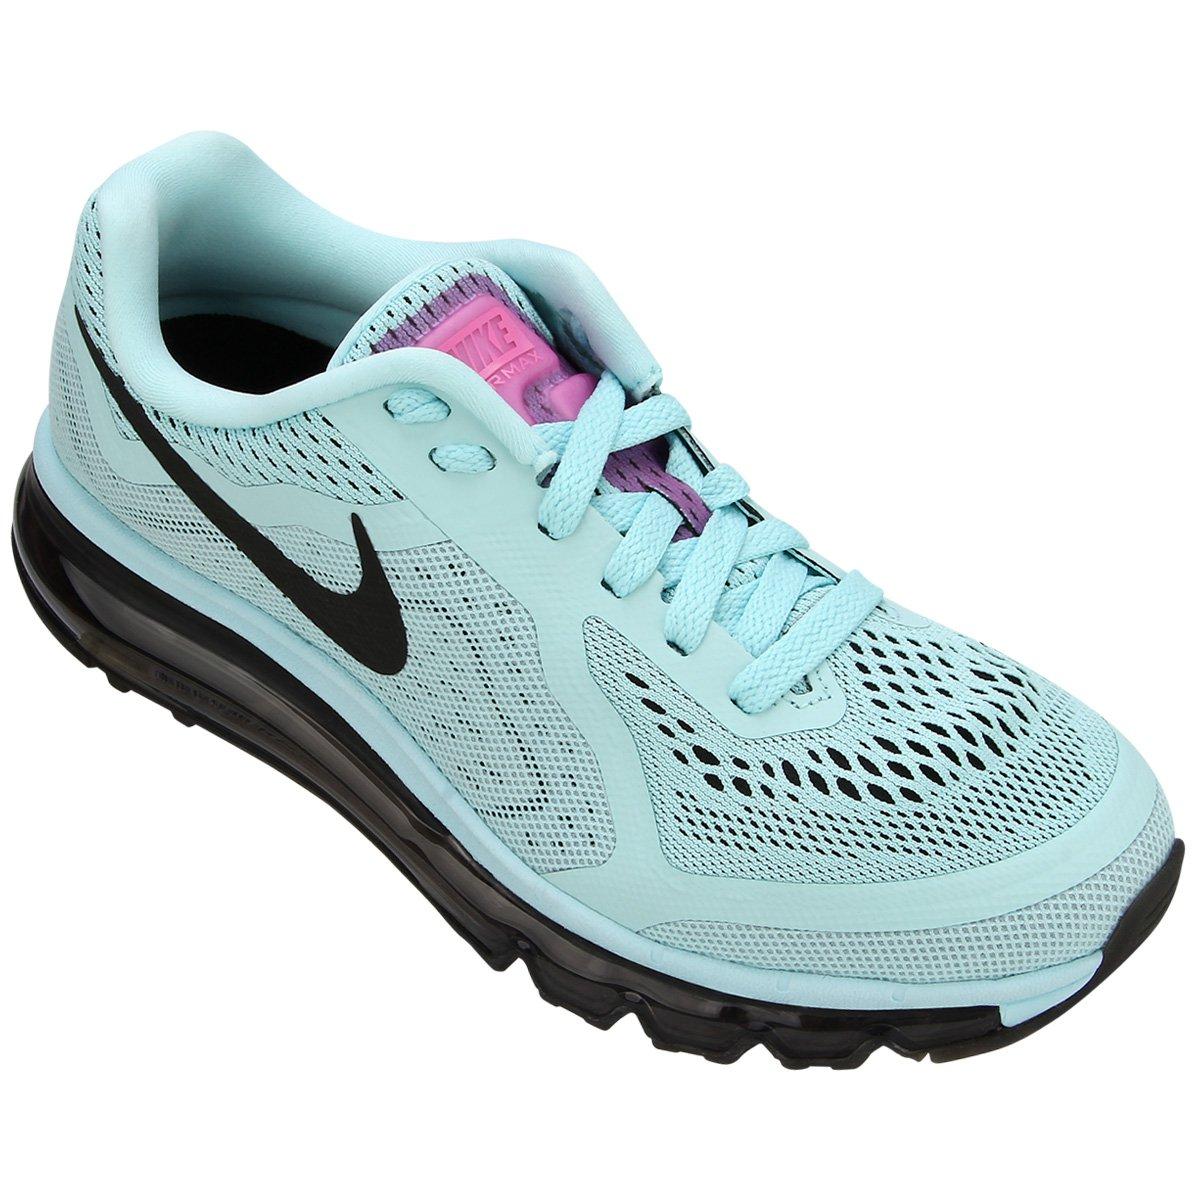 37638719e23 Tênis Nike Air Max 2014 - Compre Agora